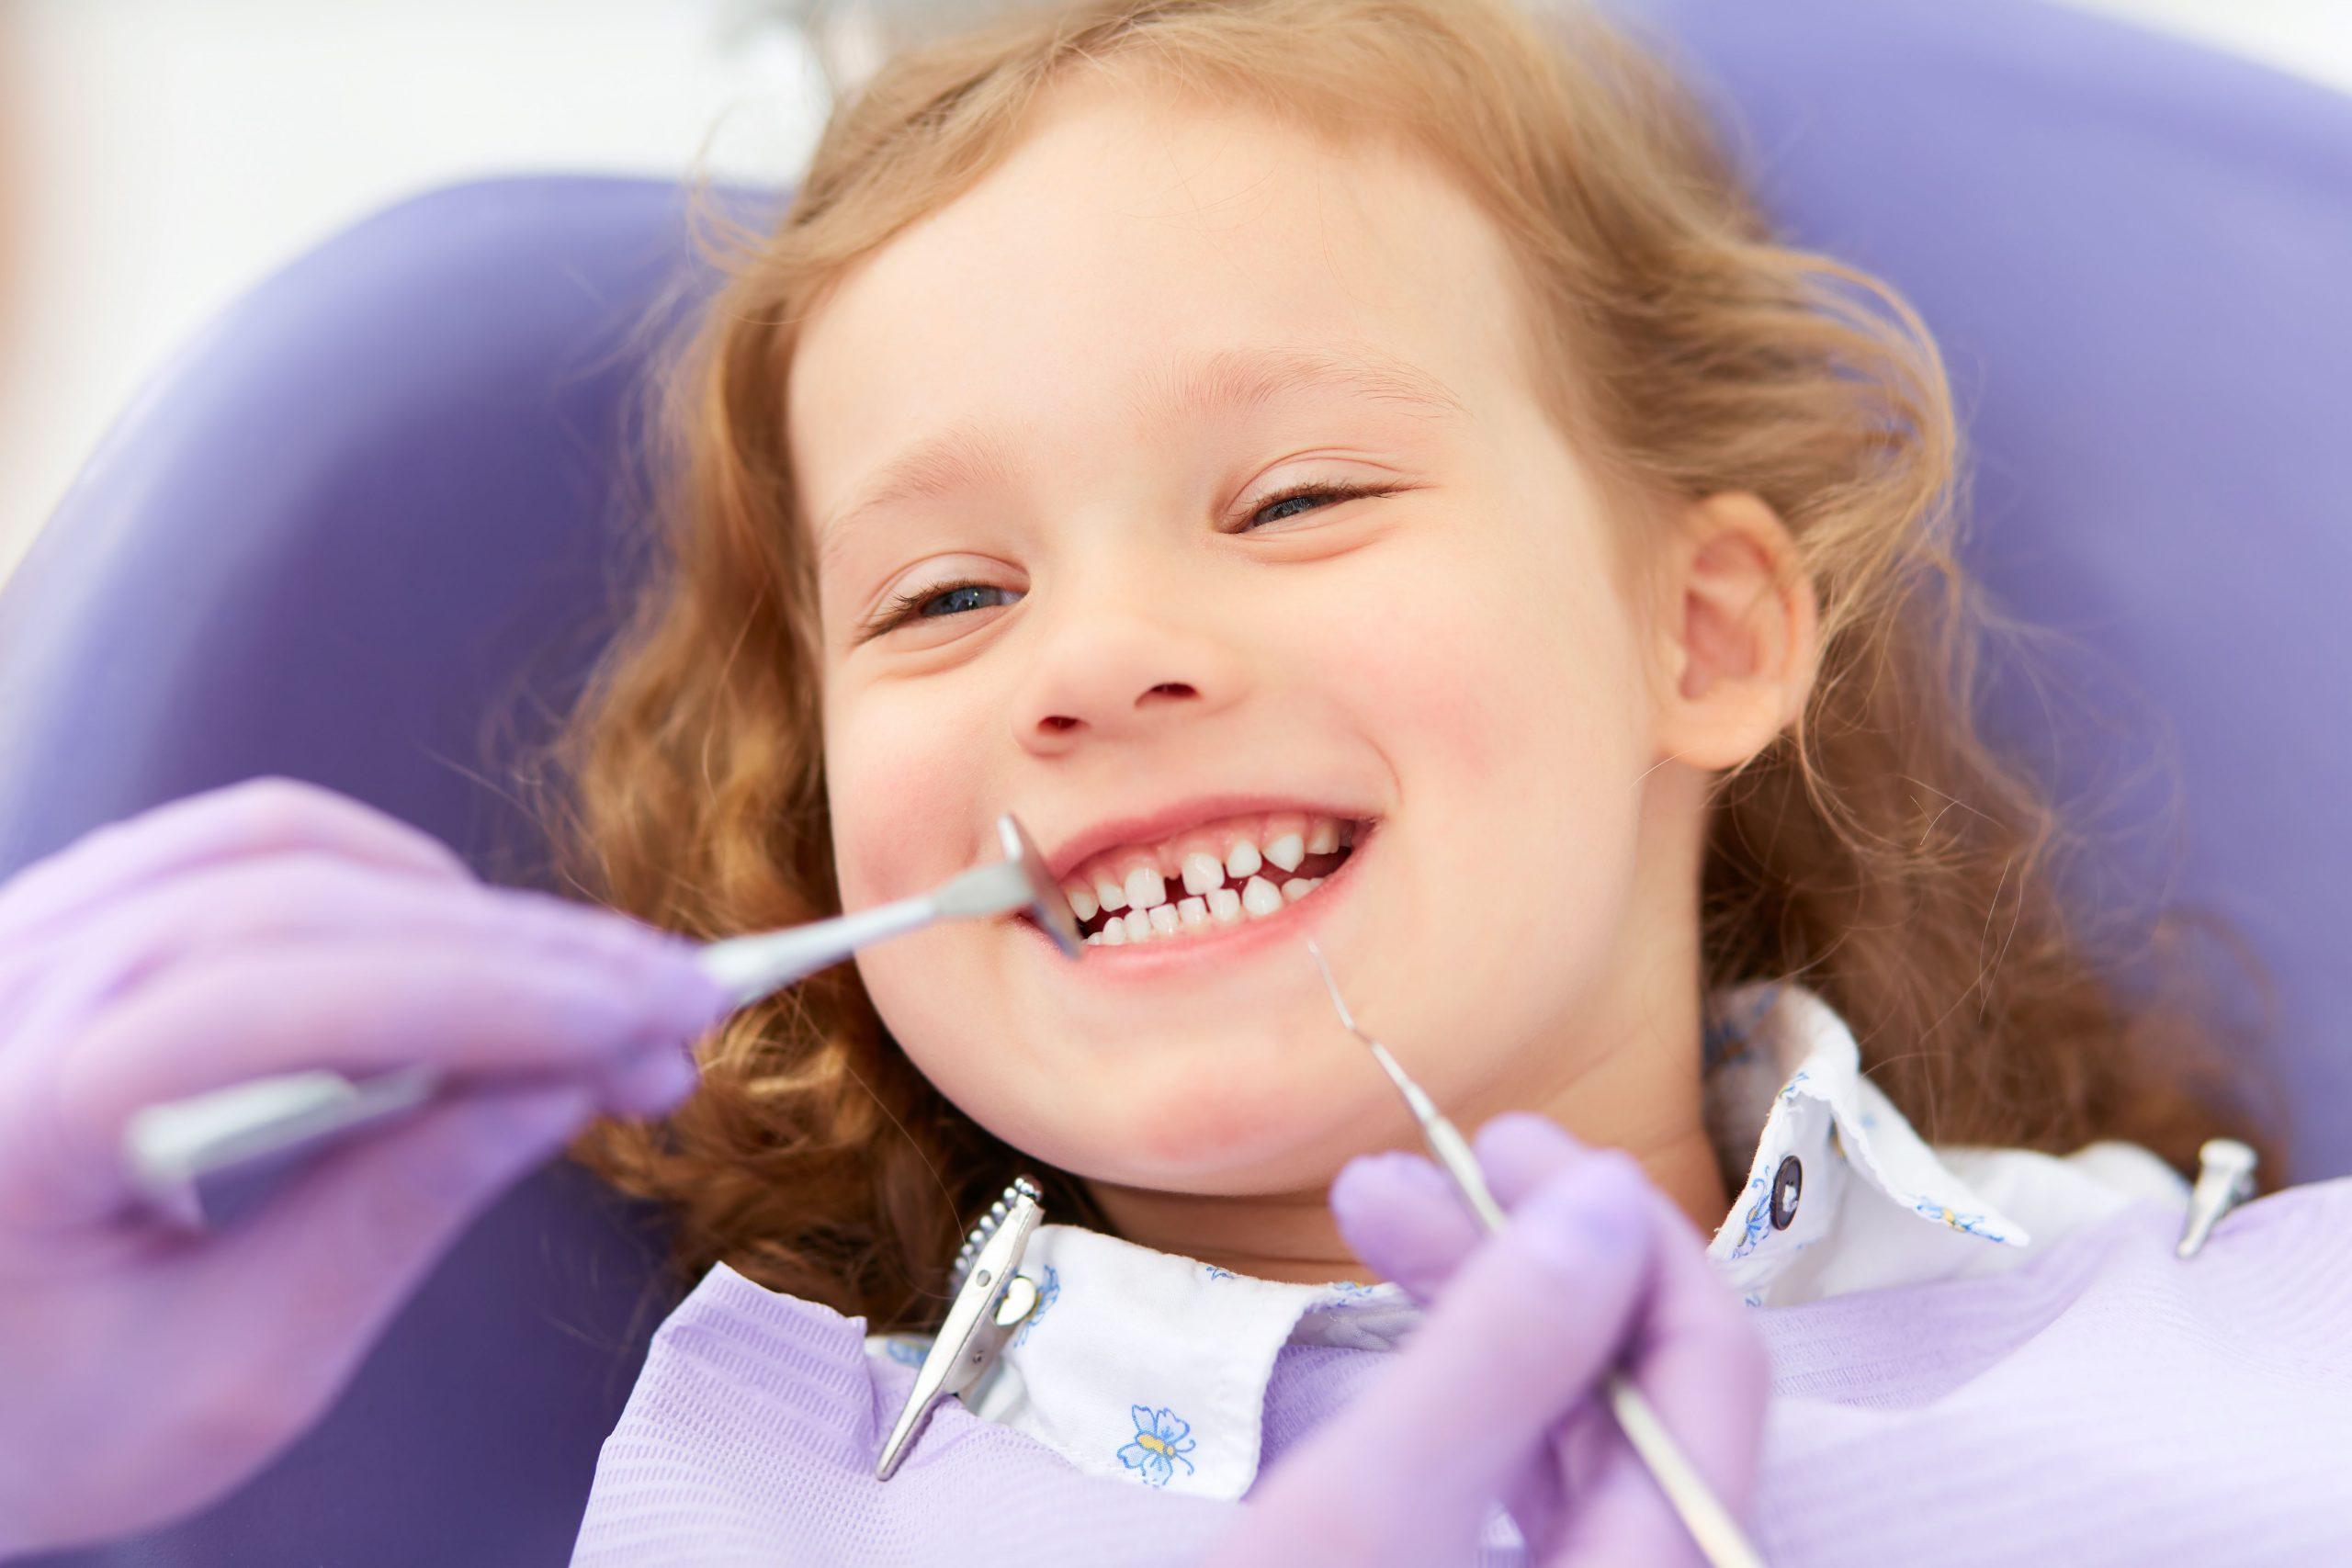 نقش دندانپزشک در نقش والدین در ترس کودکان از دندانپزشکی